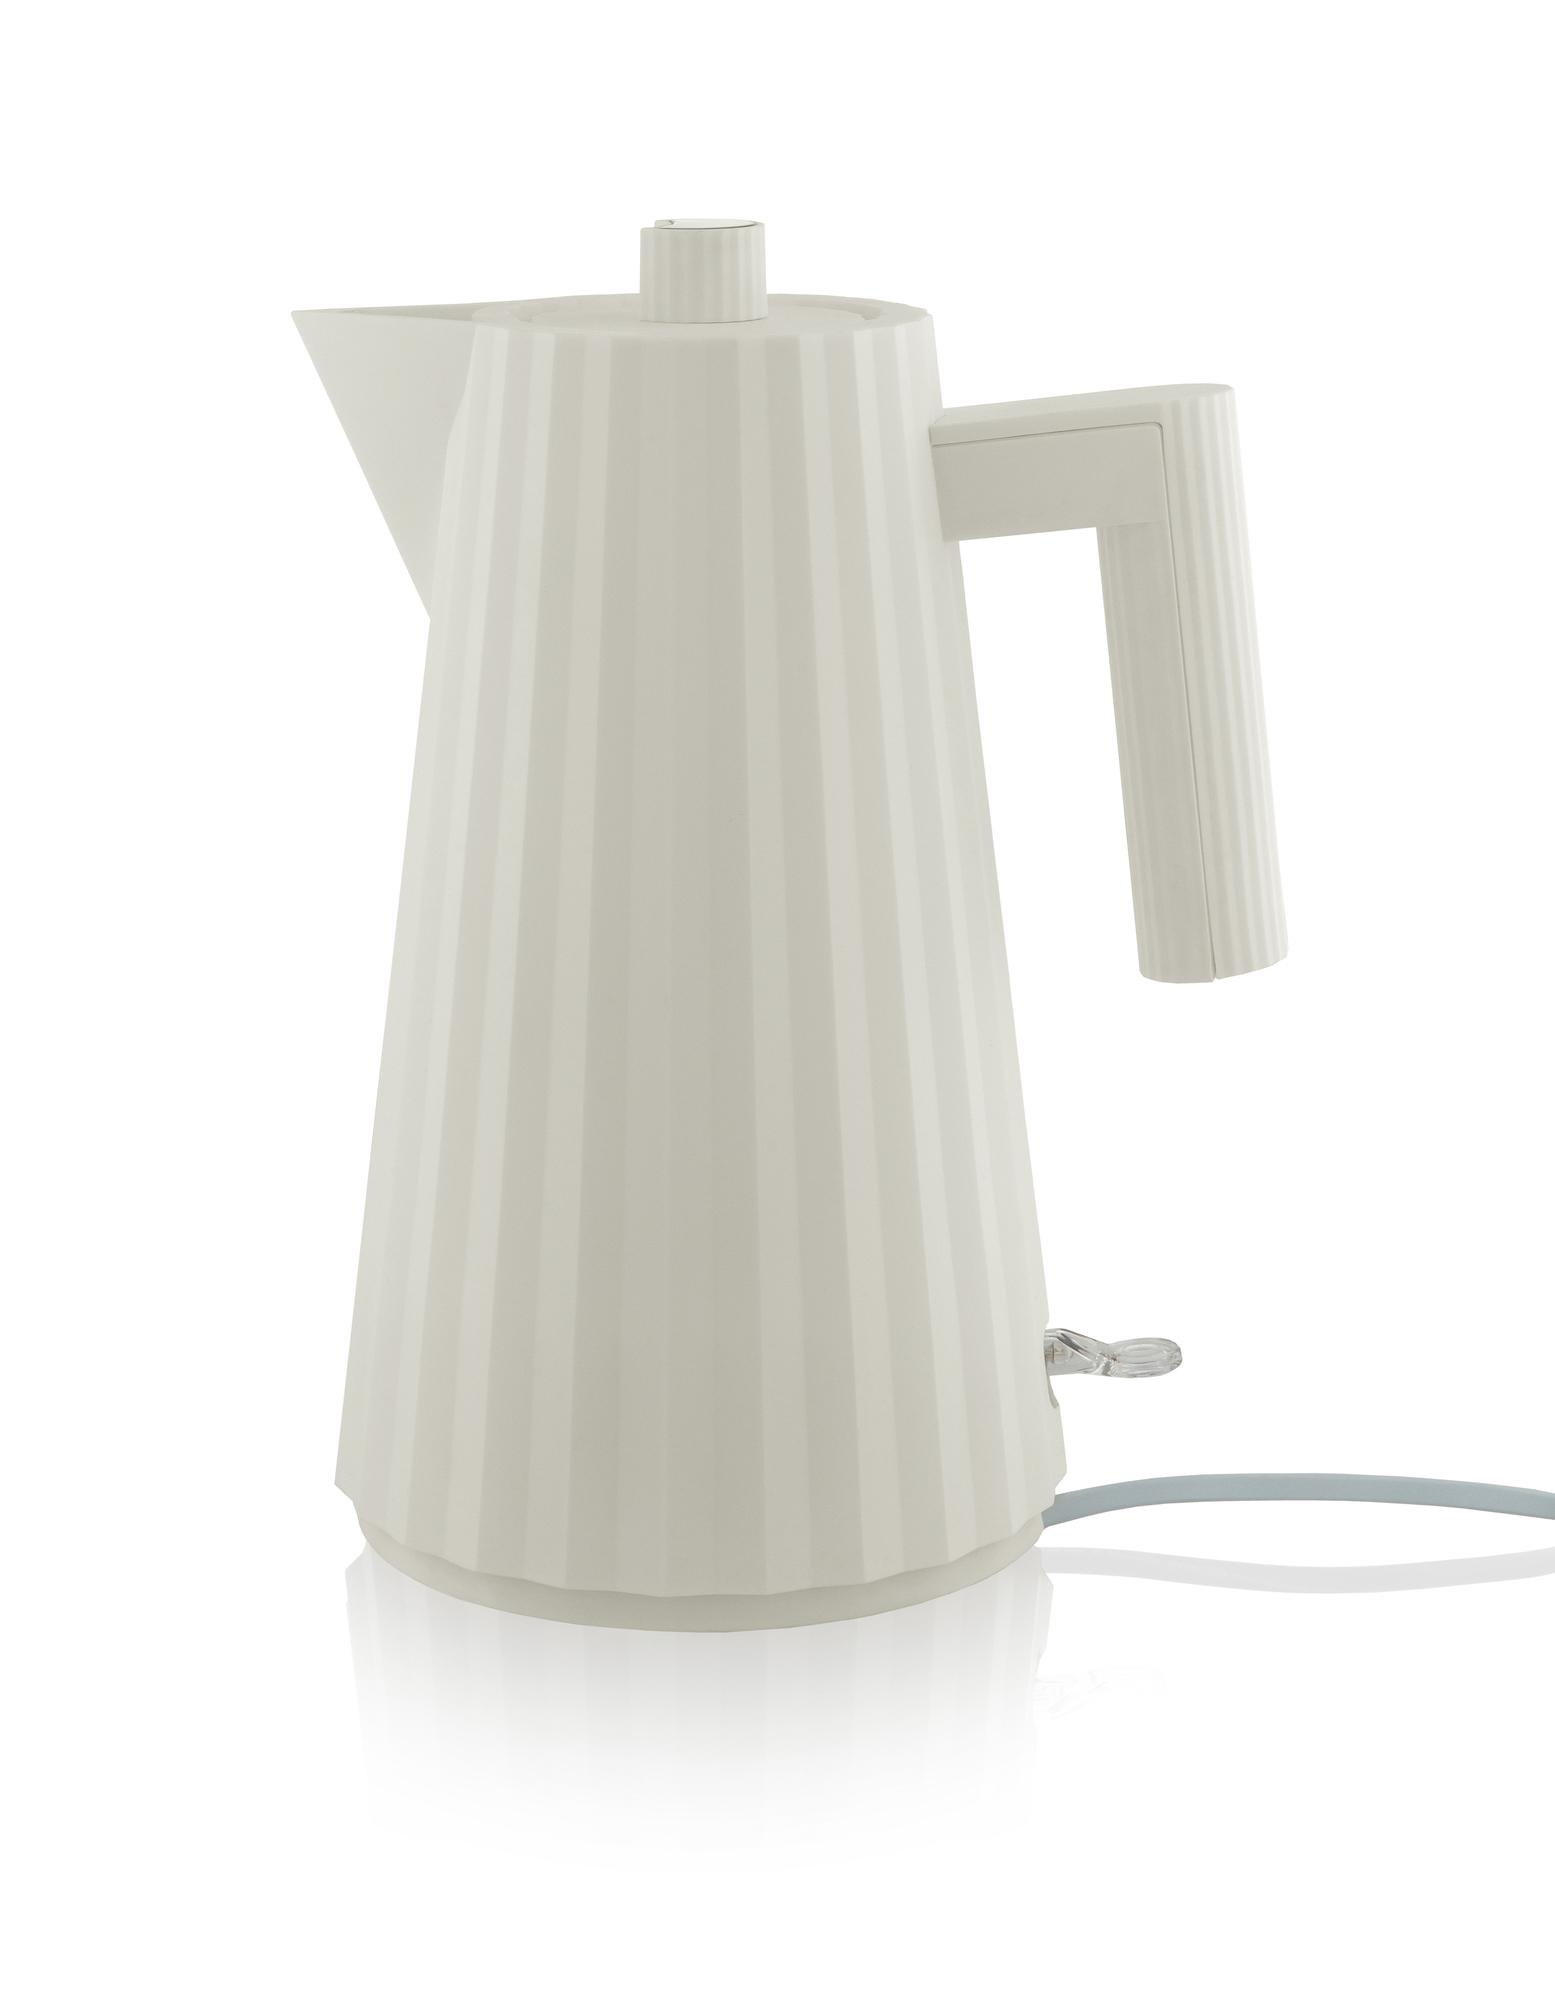 Plissé Water Boiler white Alessi